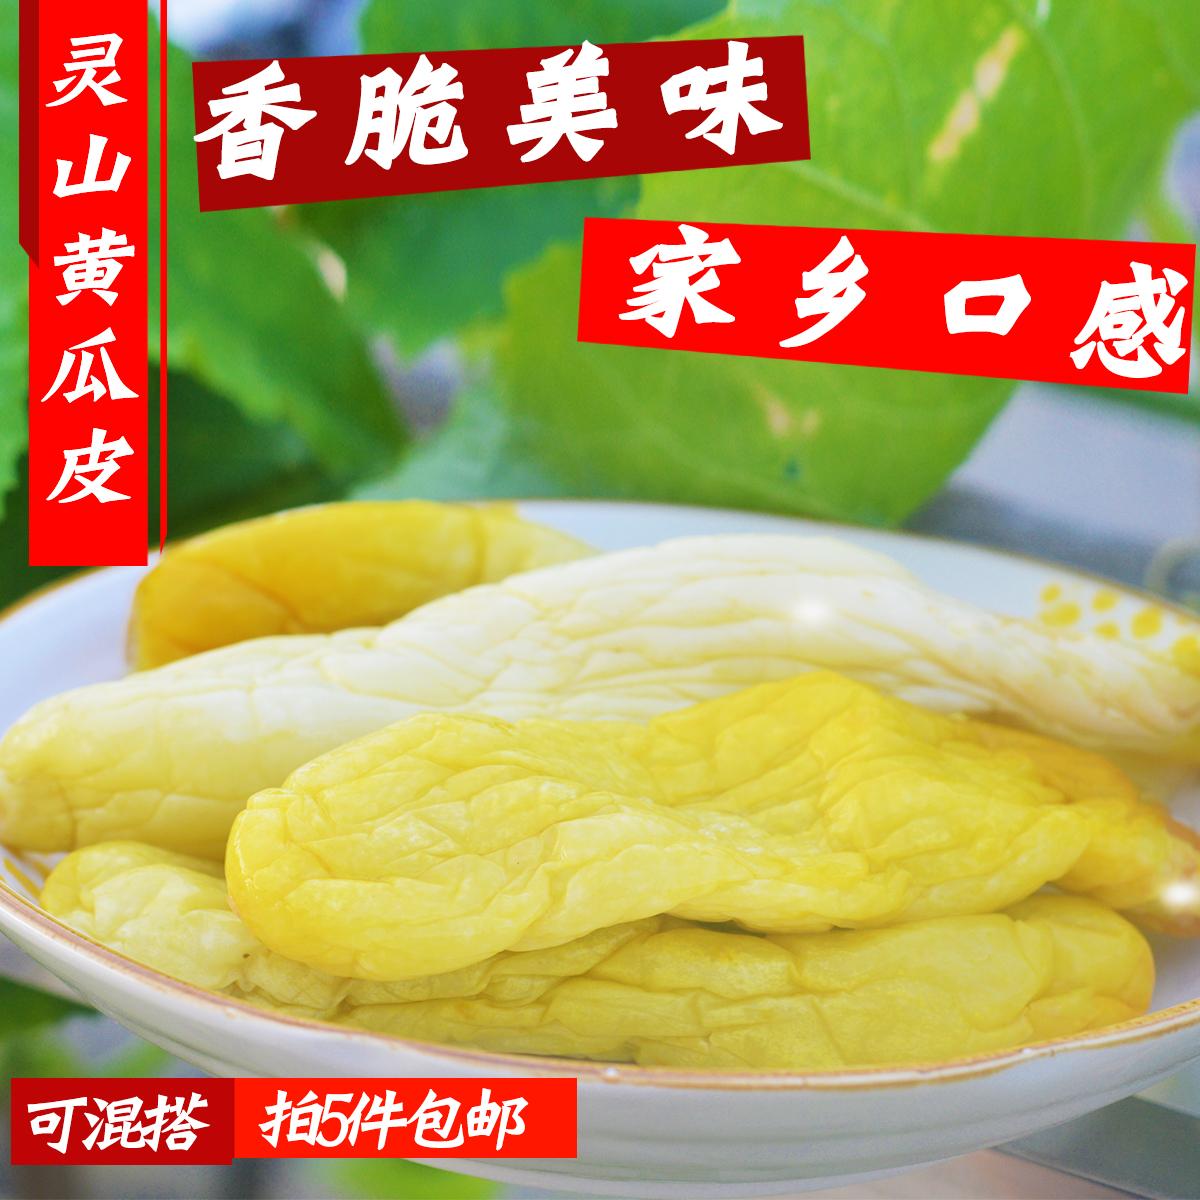 广西灵山特产腌制黄瓜皮1斤酸咸菜粥泡菜下饭农家代包邮浦北钦州